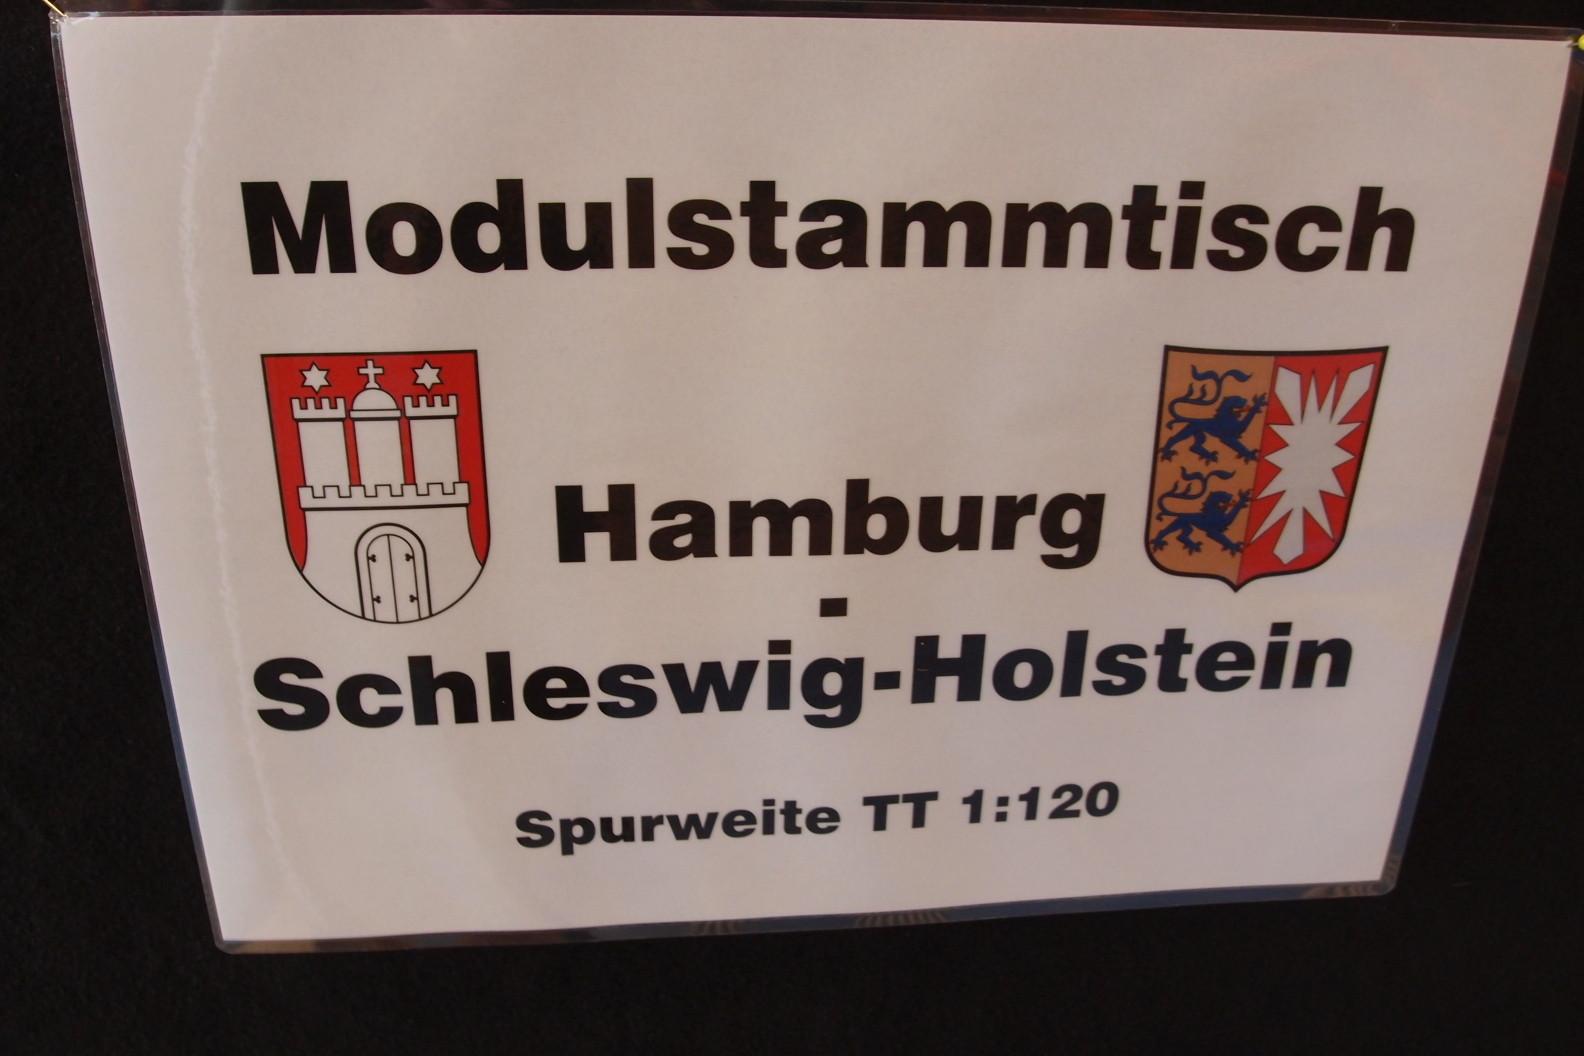 TT Modulstammtisch Hamburg - Schleswig Holstein